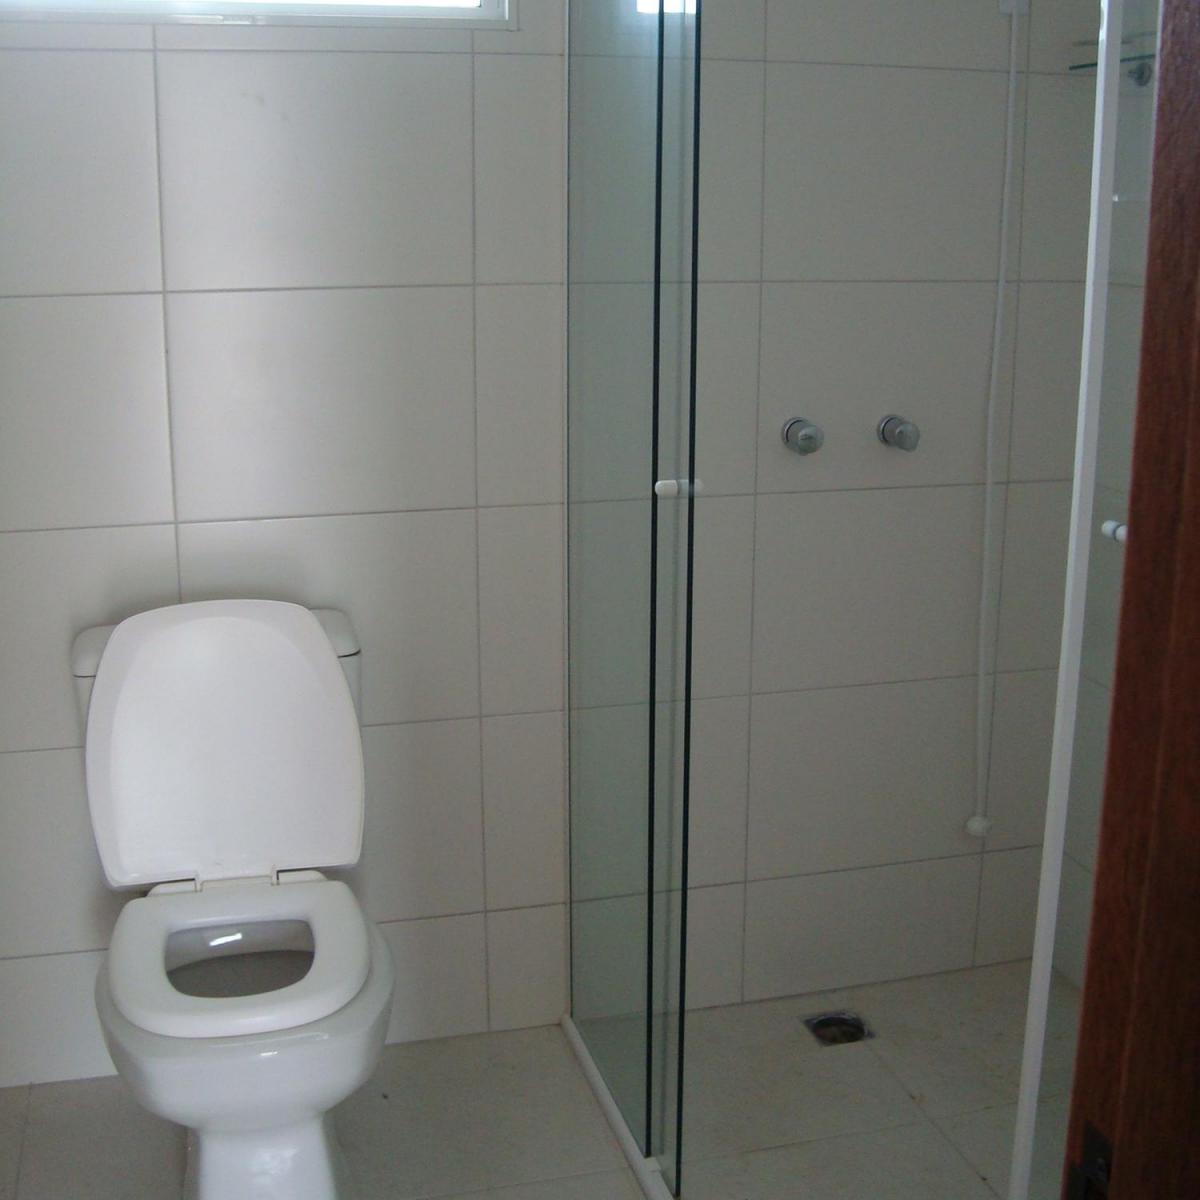 Casa para aluguel com 3 Quartos Santa Felicidade Curitiba R$ 1.600  #382D27 1200x1200 Banheiro Container Aluguel